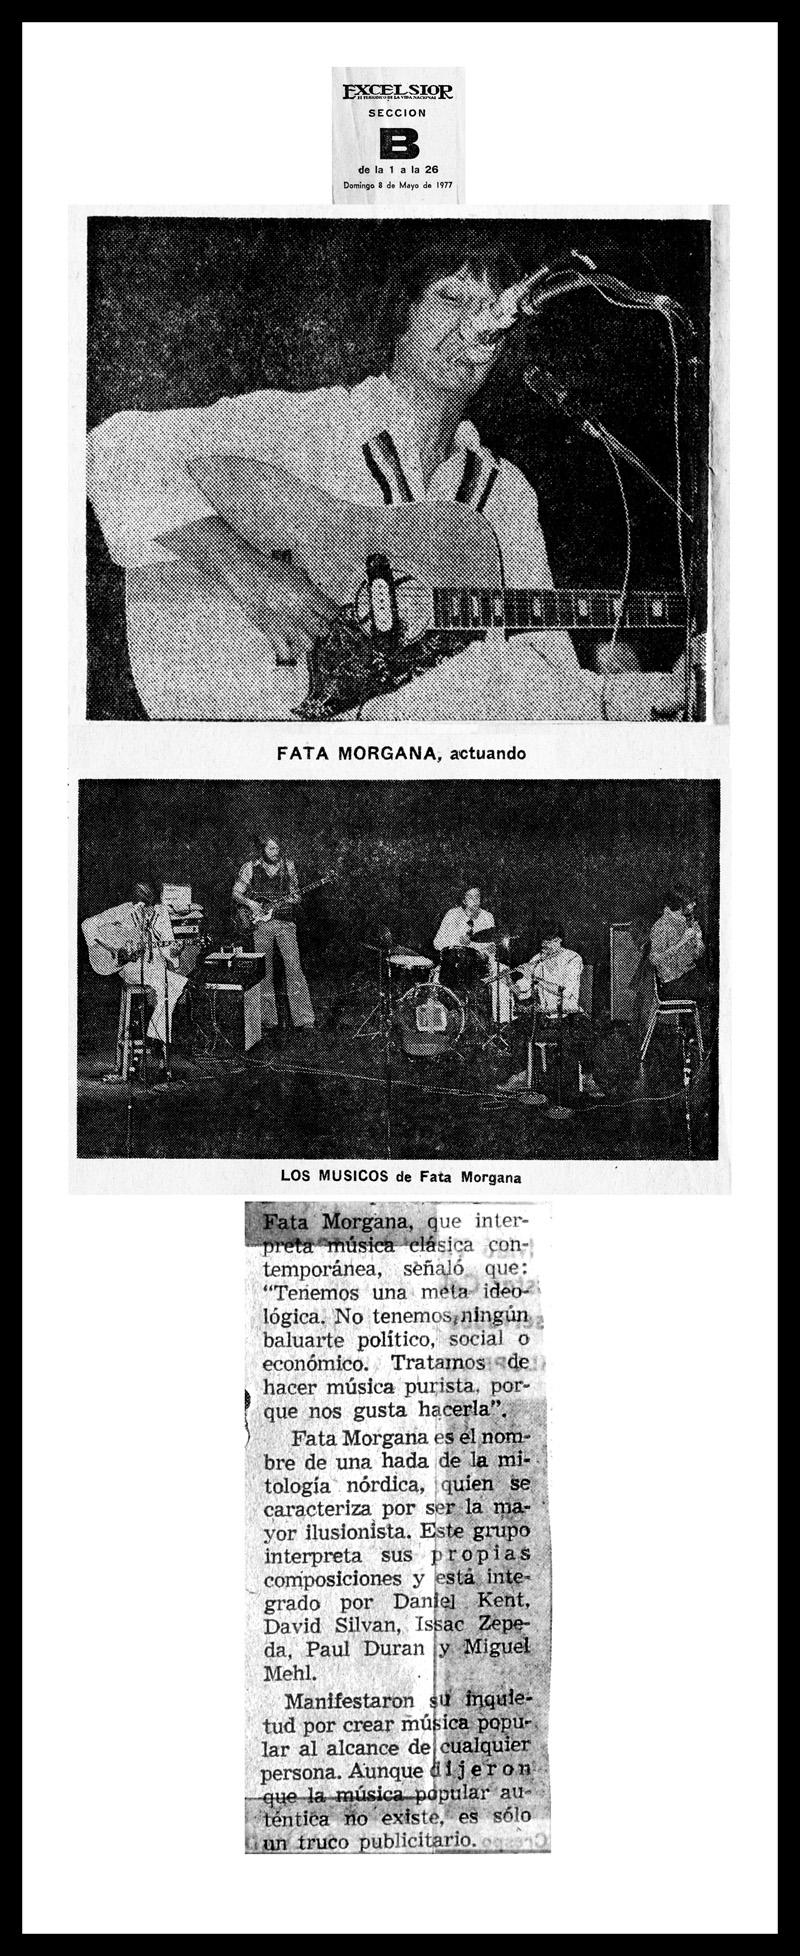 1977_Excelsior_Michael-Mehl_Fata-Morgana_Quinto-Festival-Cervantino